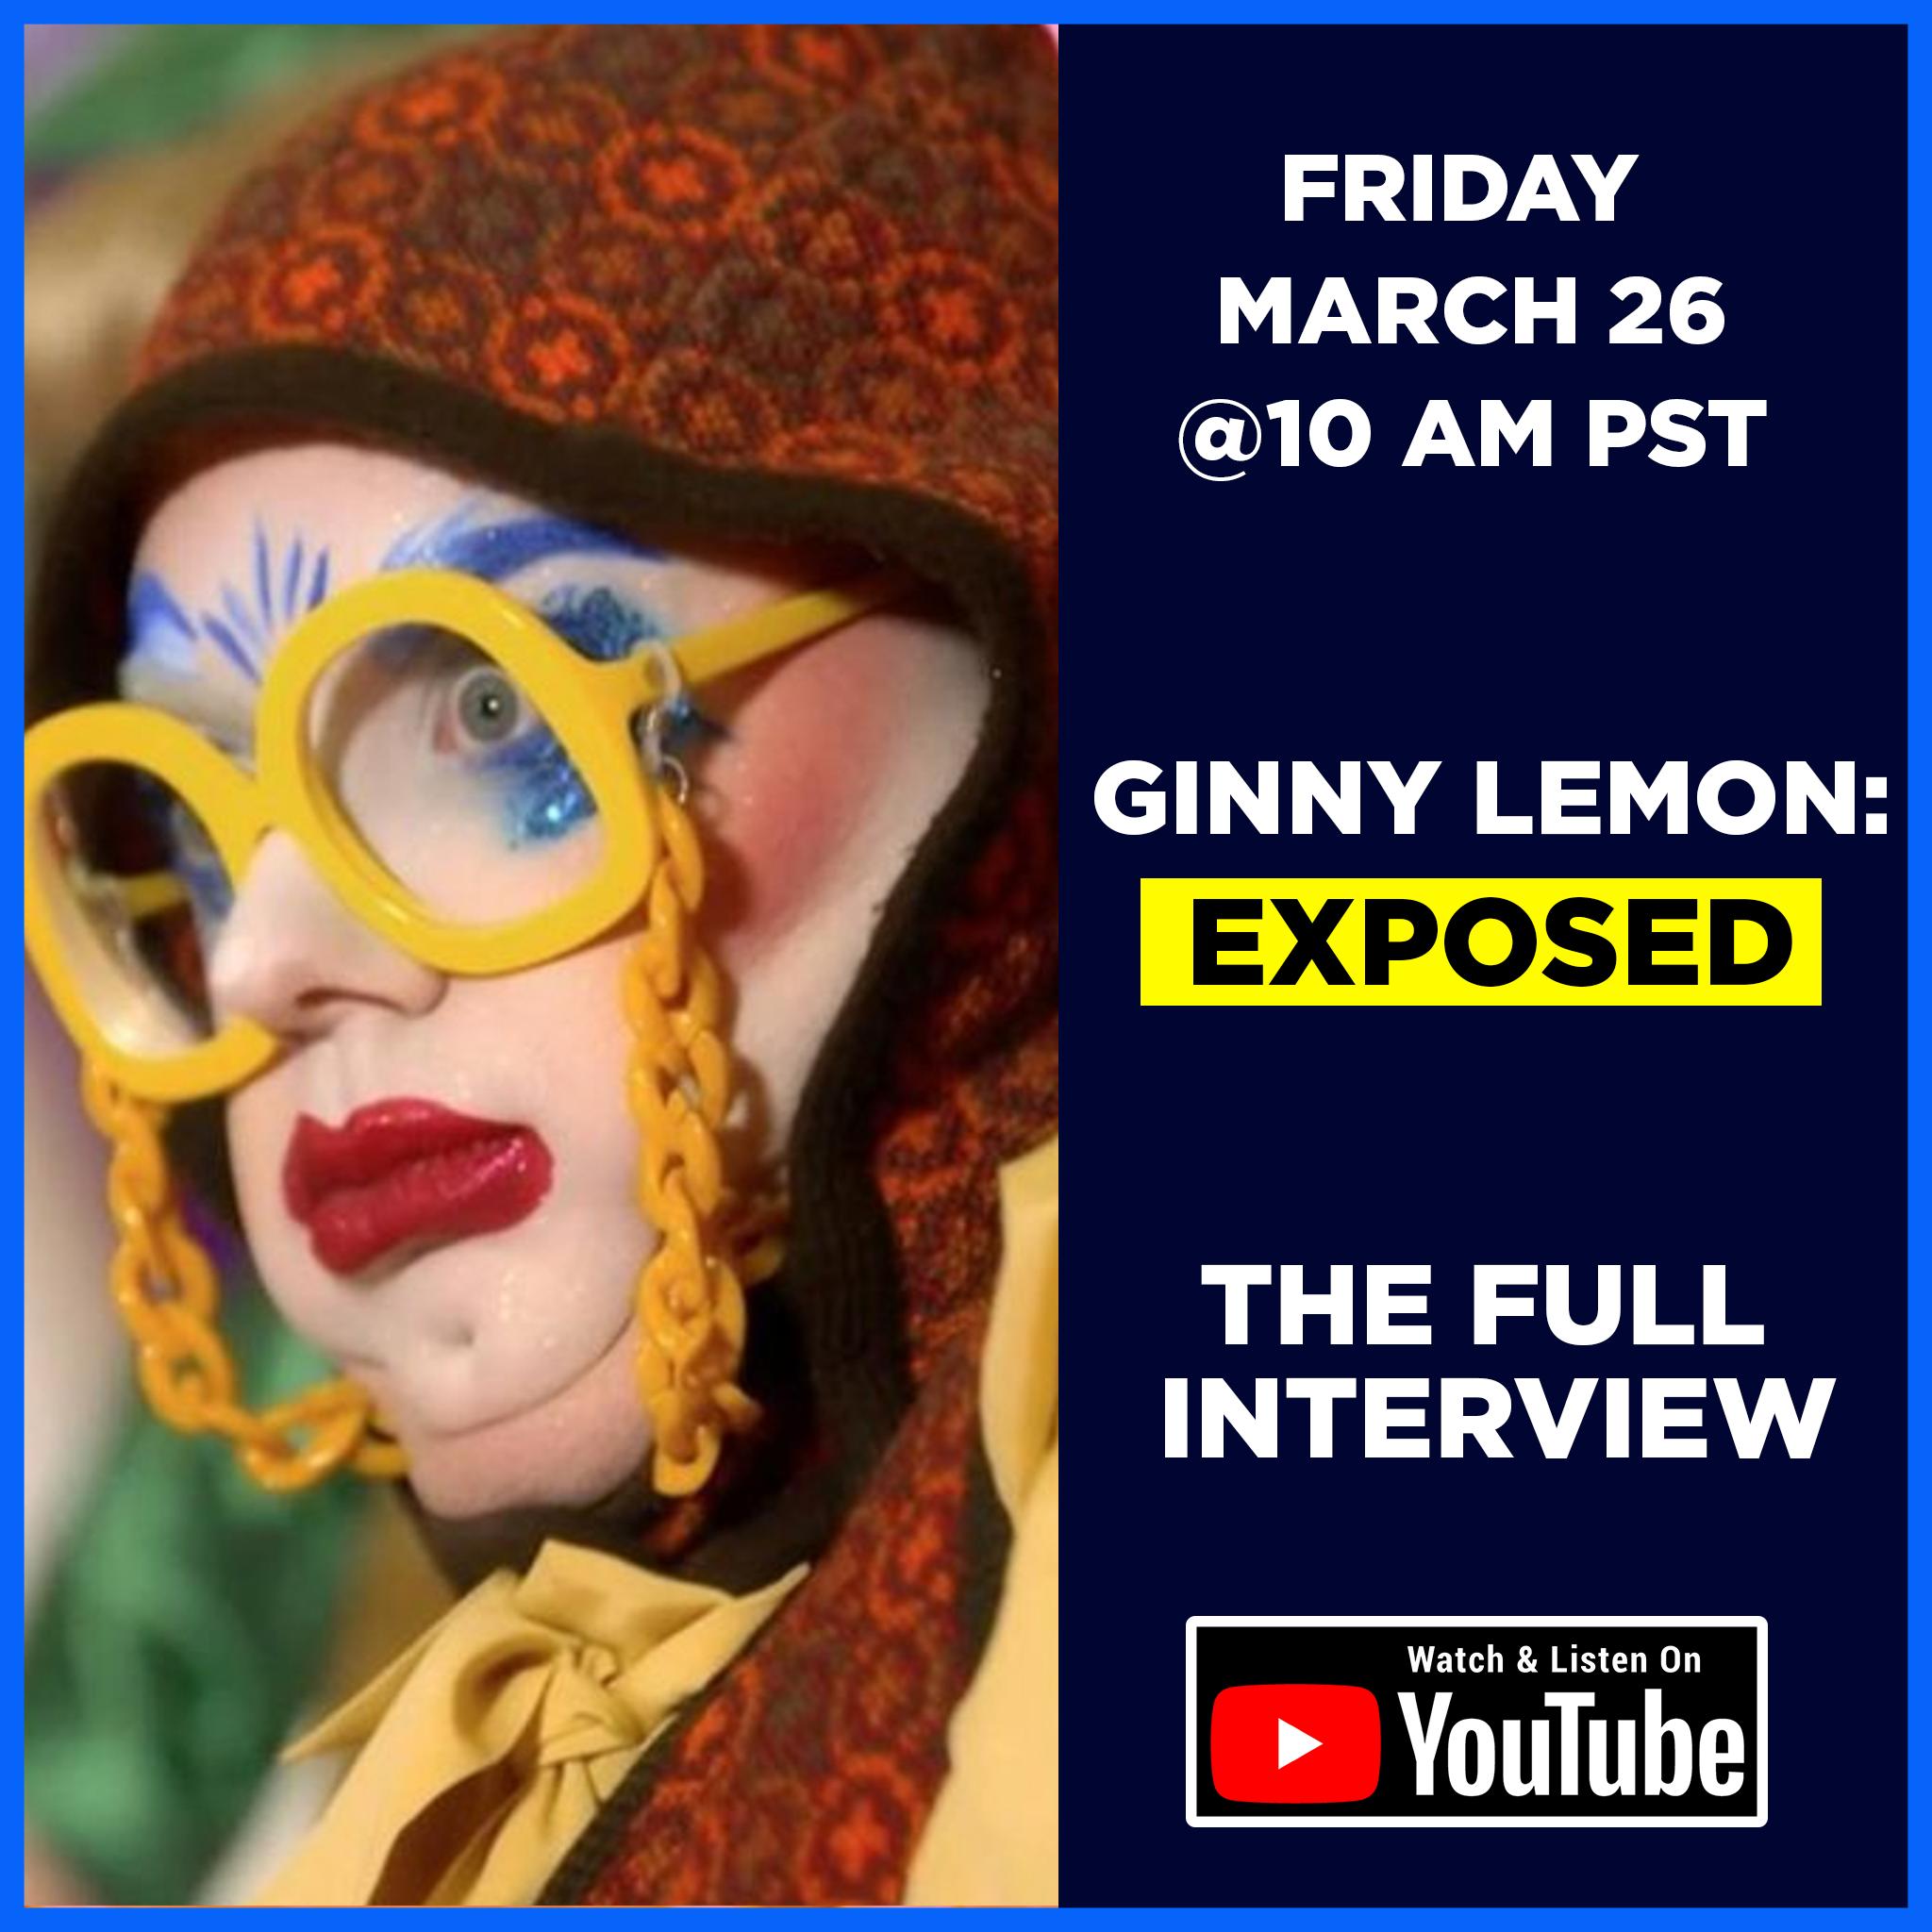 S3E5 - Ginny Lemon: Exposed (The Full Interview)